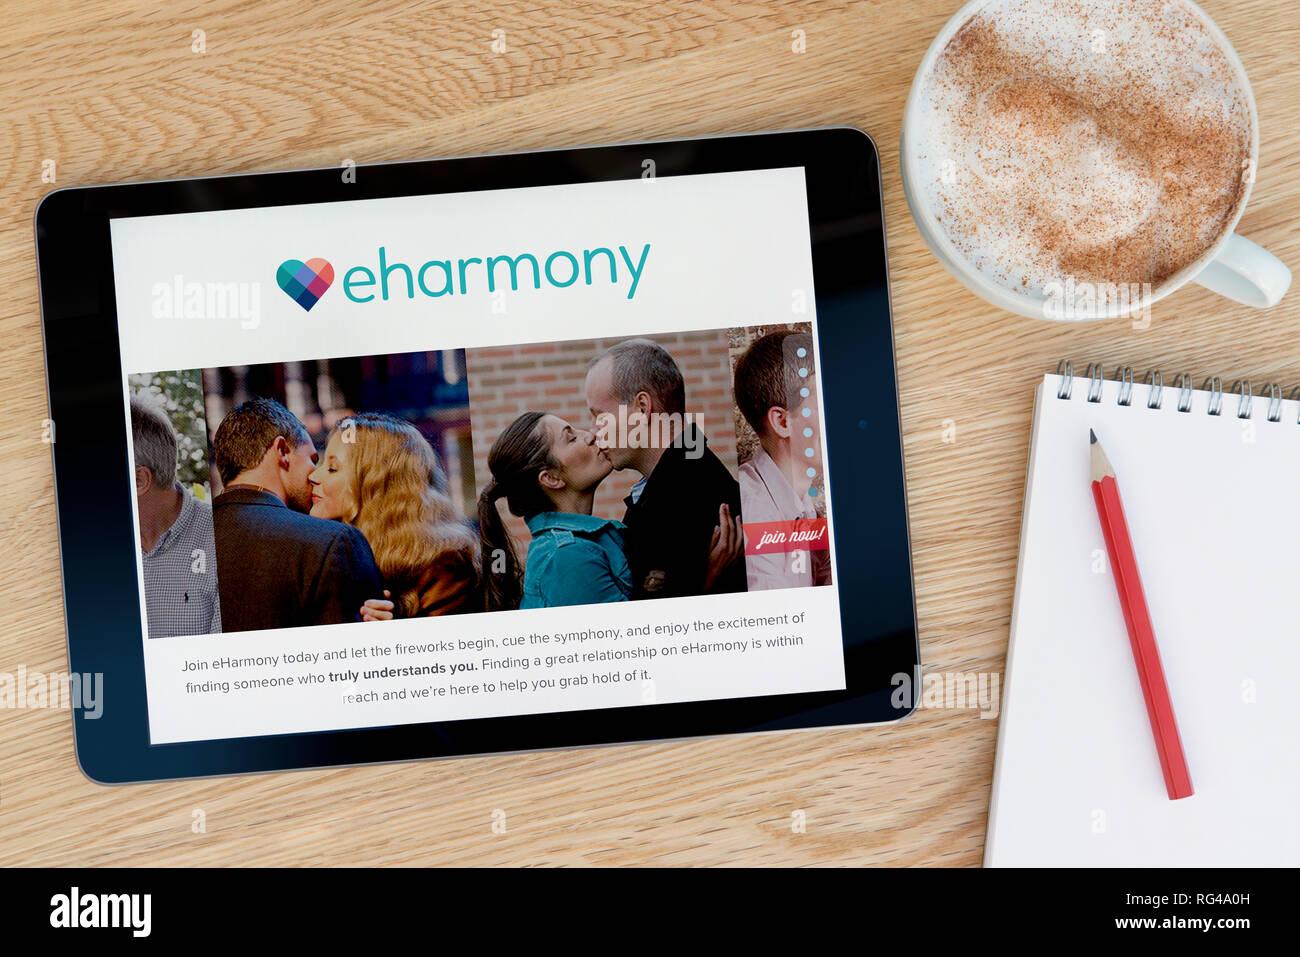 eharmony subscribe now